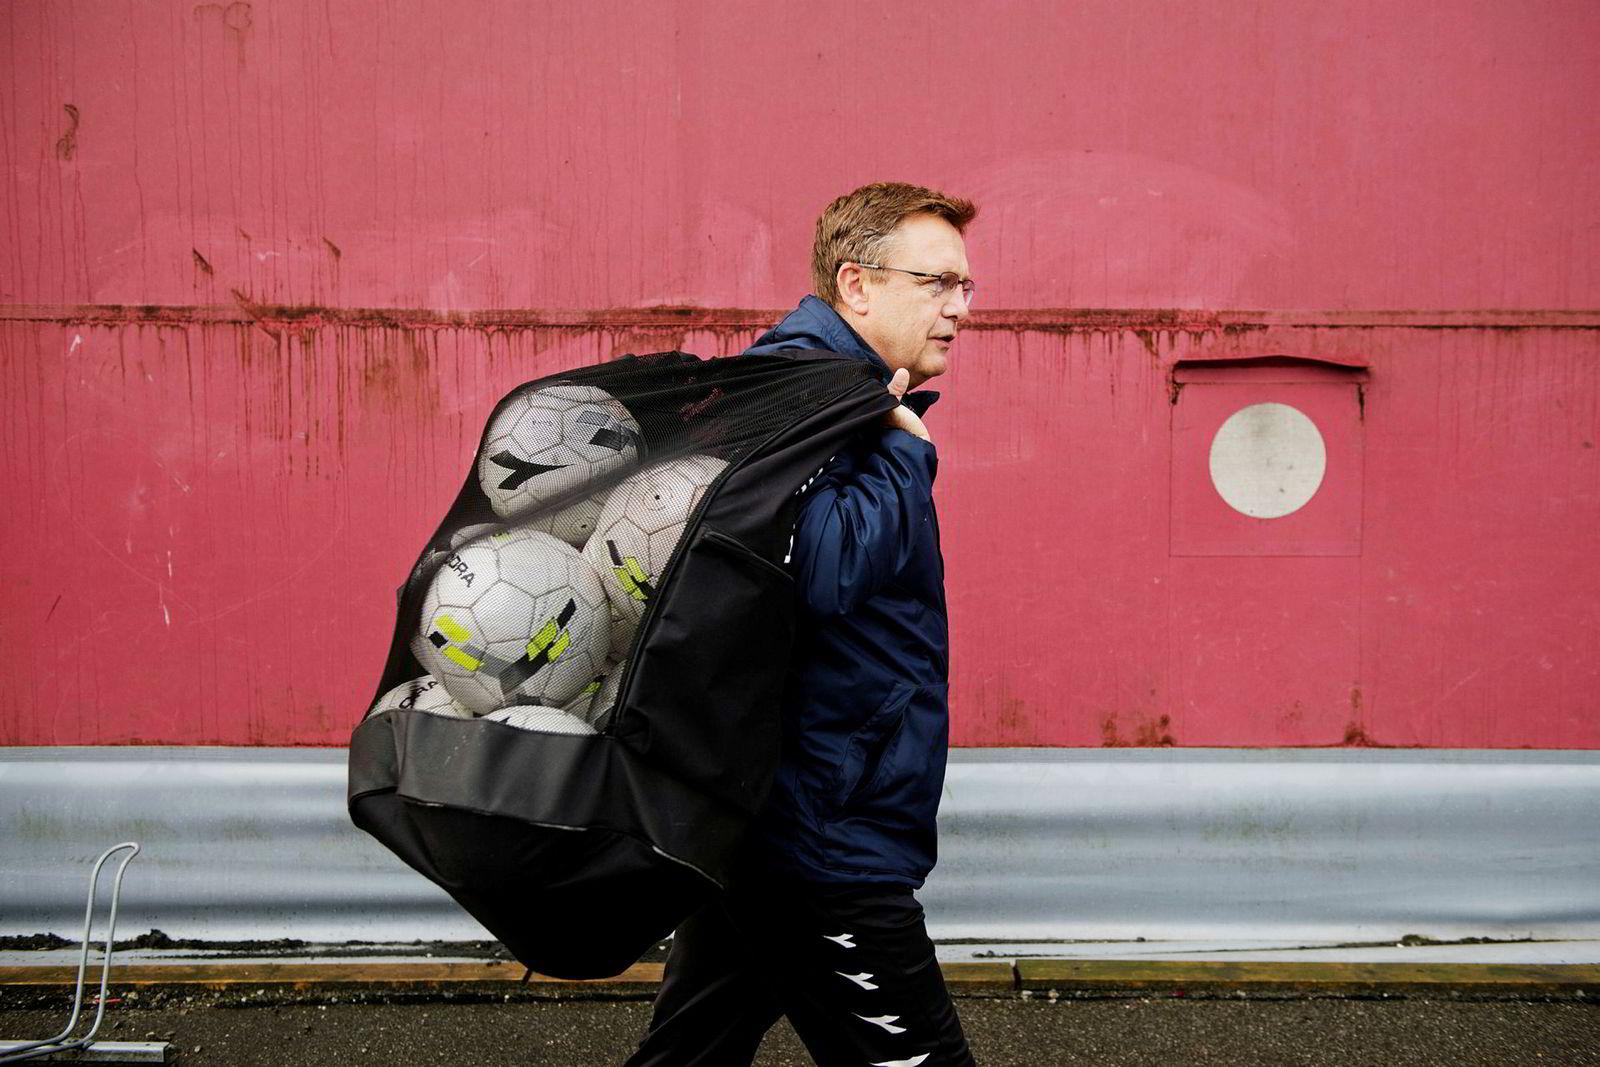 – Jeg har alltid strebet etter å se alle spillerne, sier Alf Ingve Berntsen som i mange år har trent barn og unge på fotballbanen.